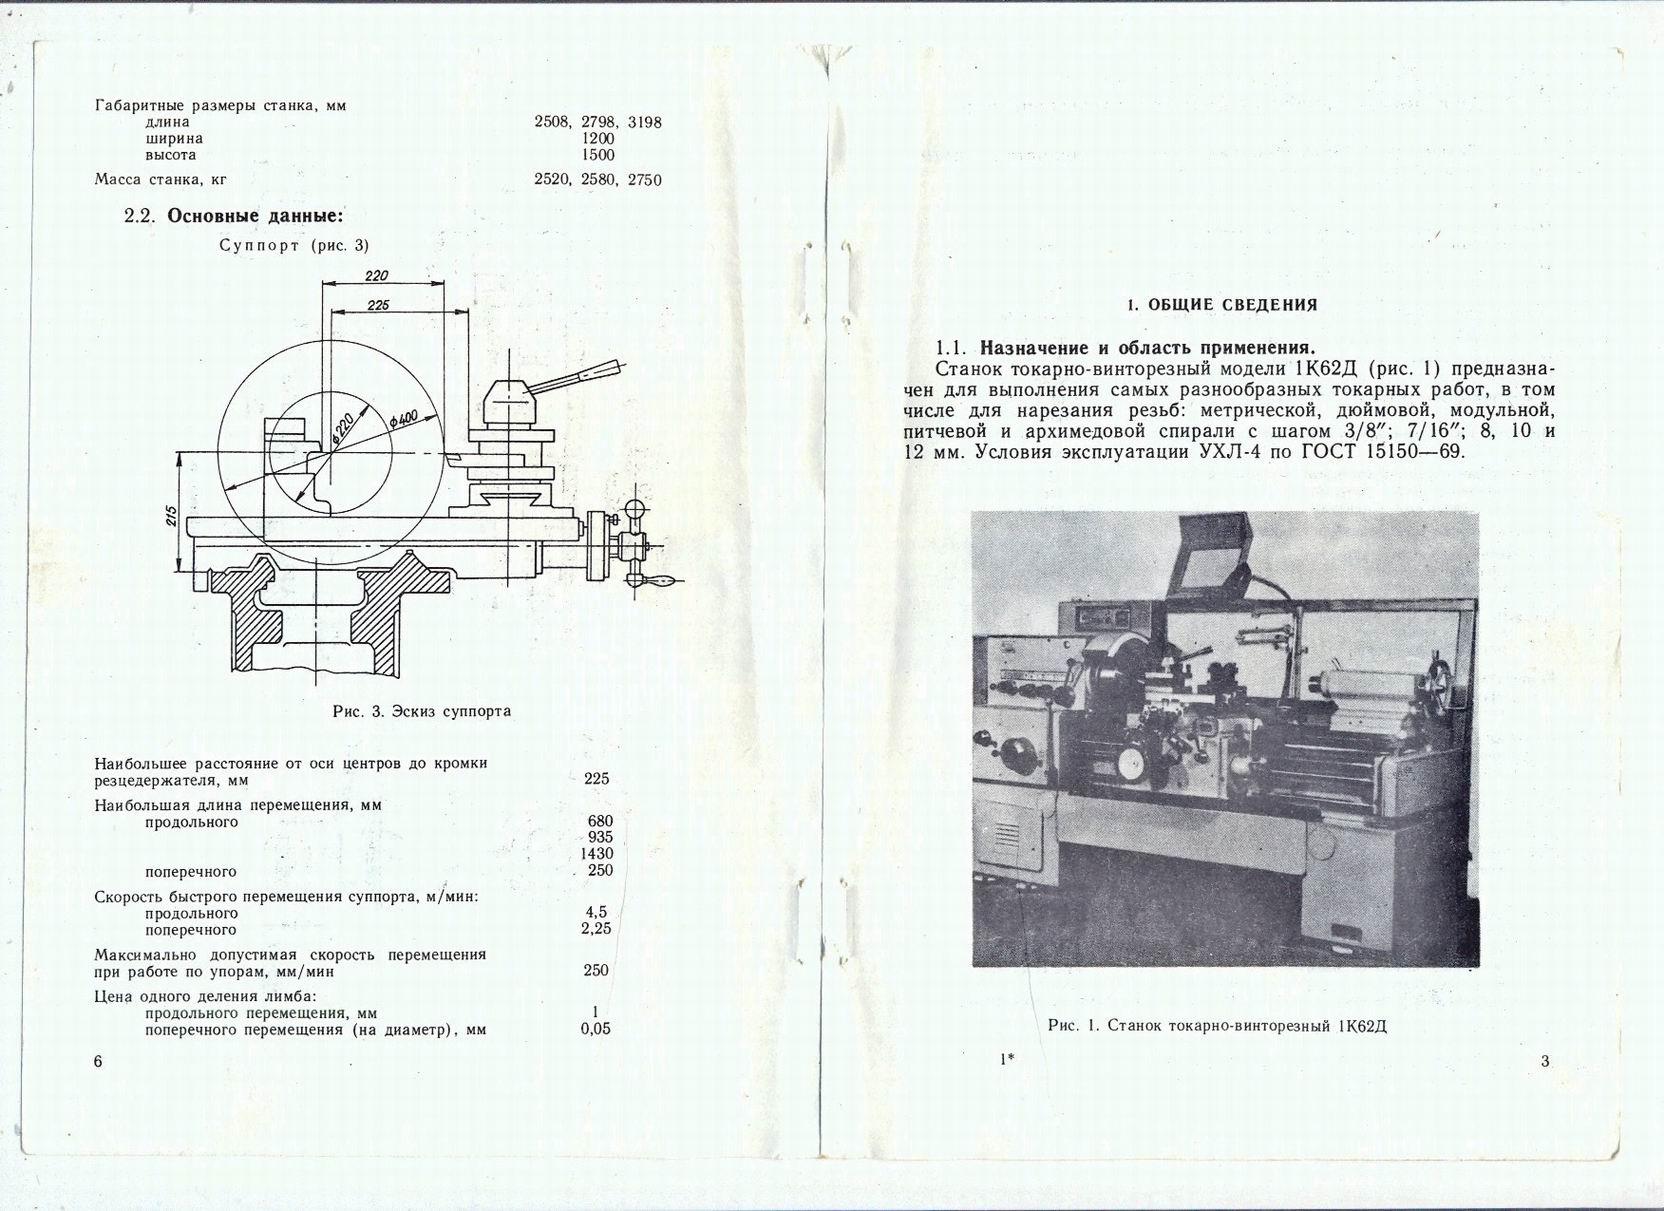 Токарный станок 1а616: конструкция, технические характеристики, отзывы, цены